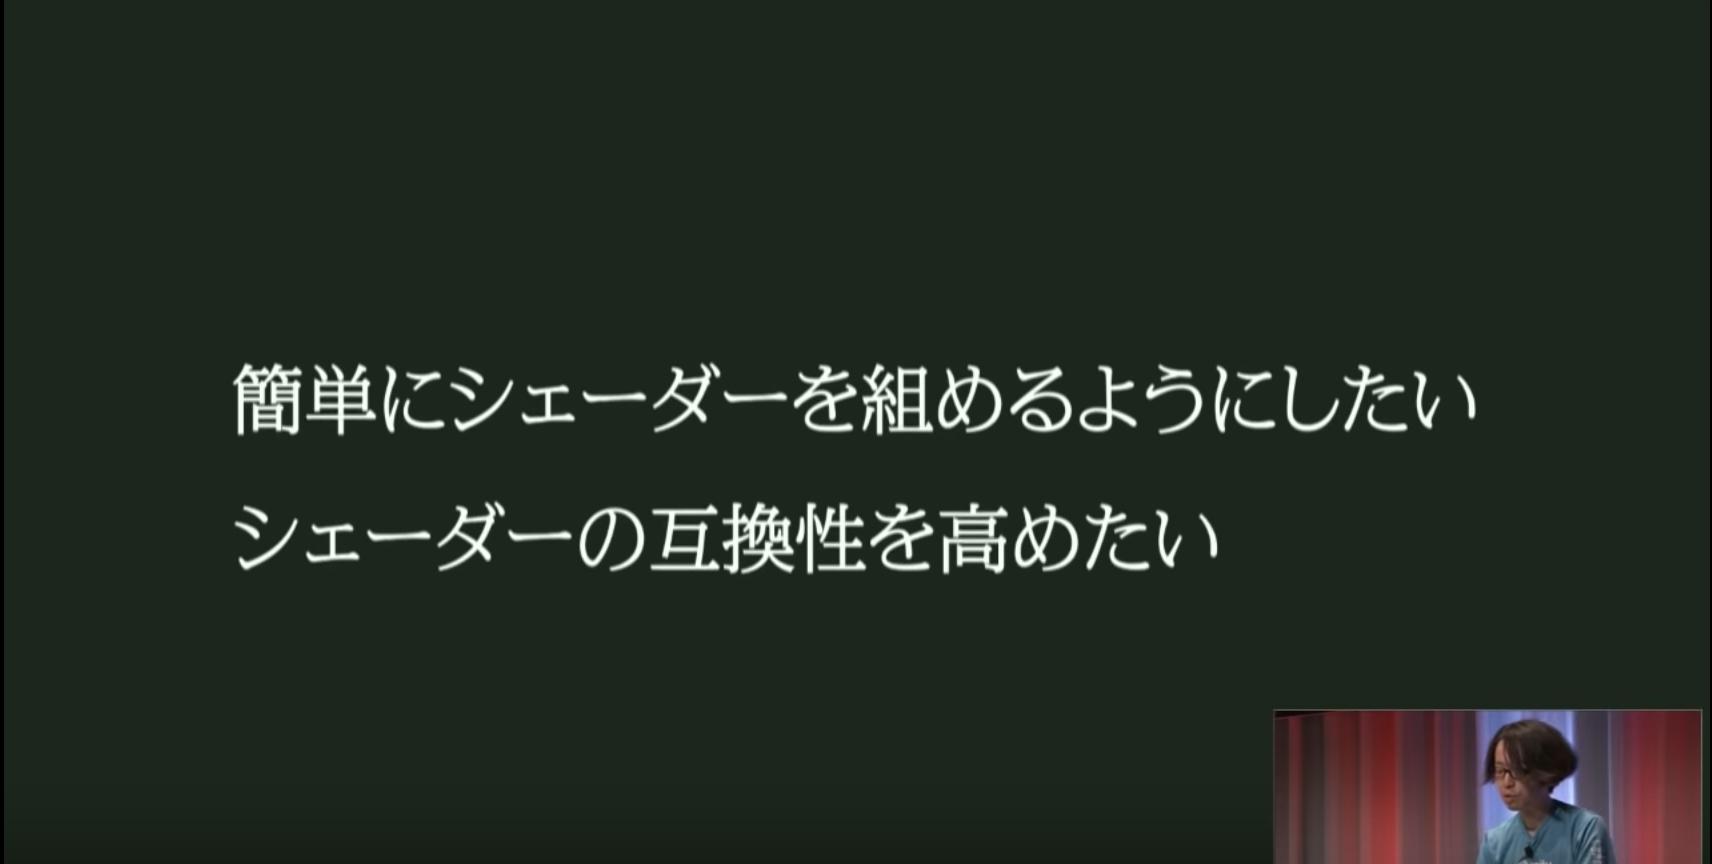 スクリーンショット 2018-06-16 16.37.28.png